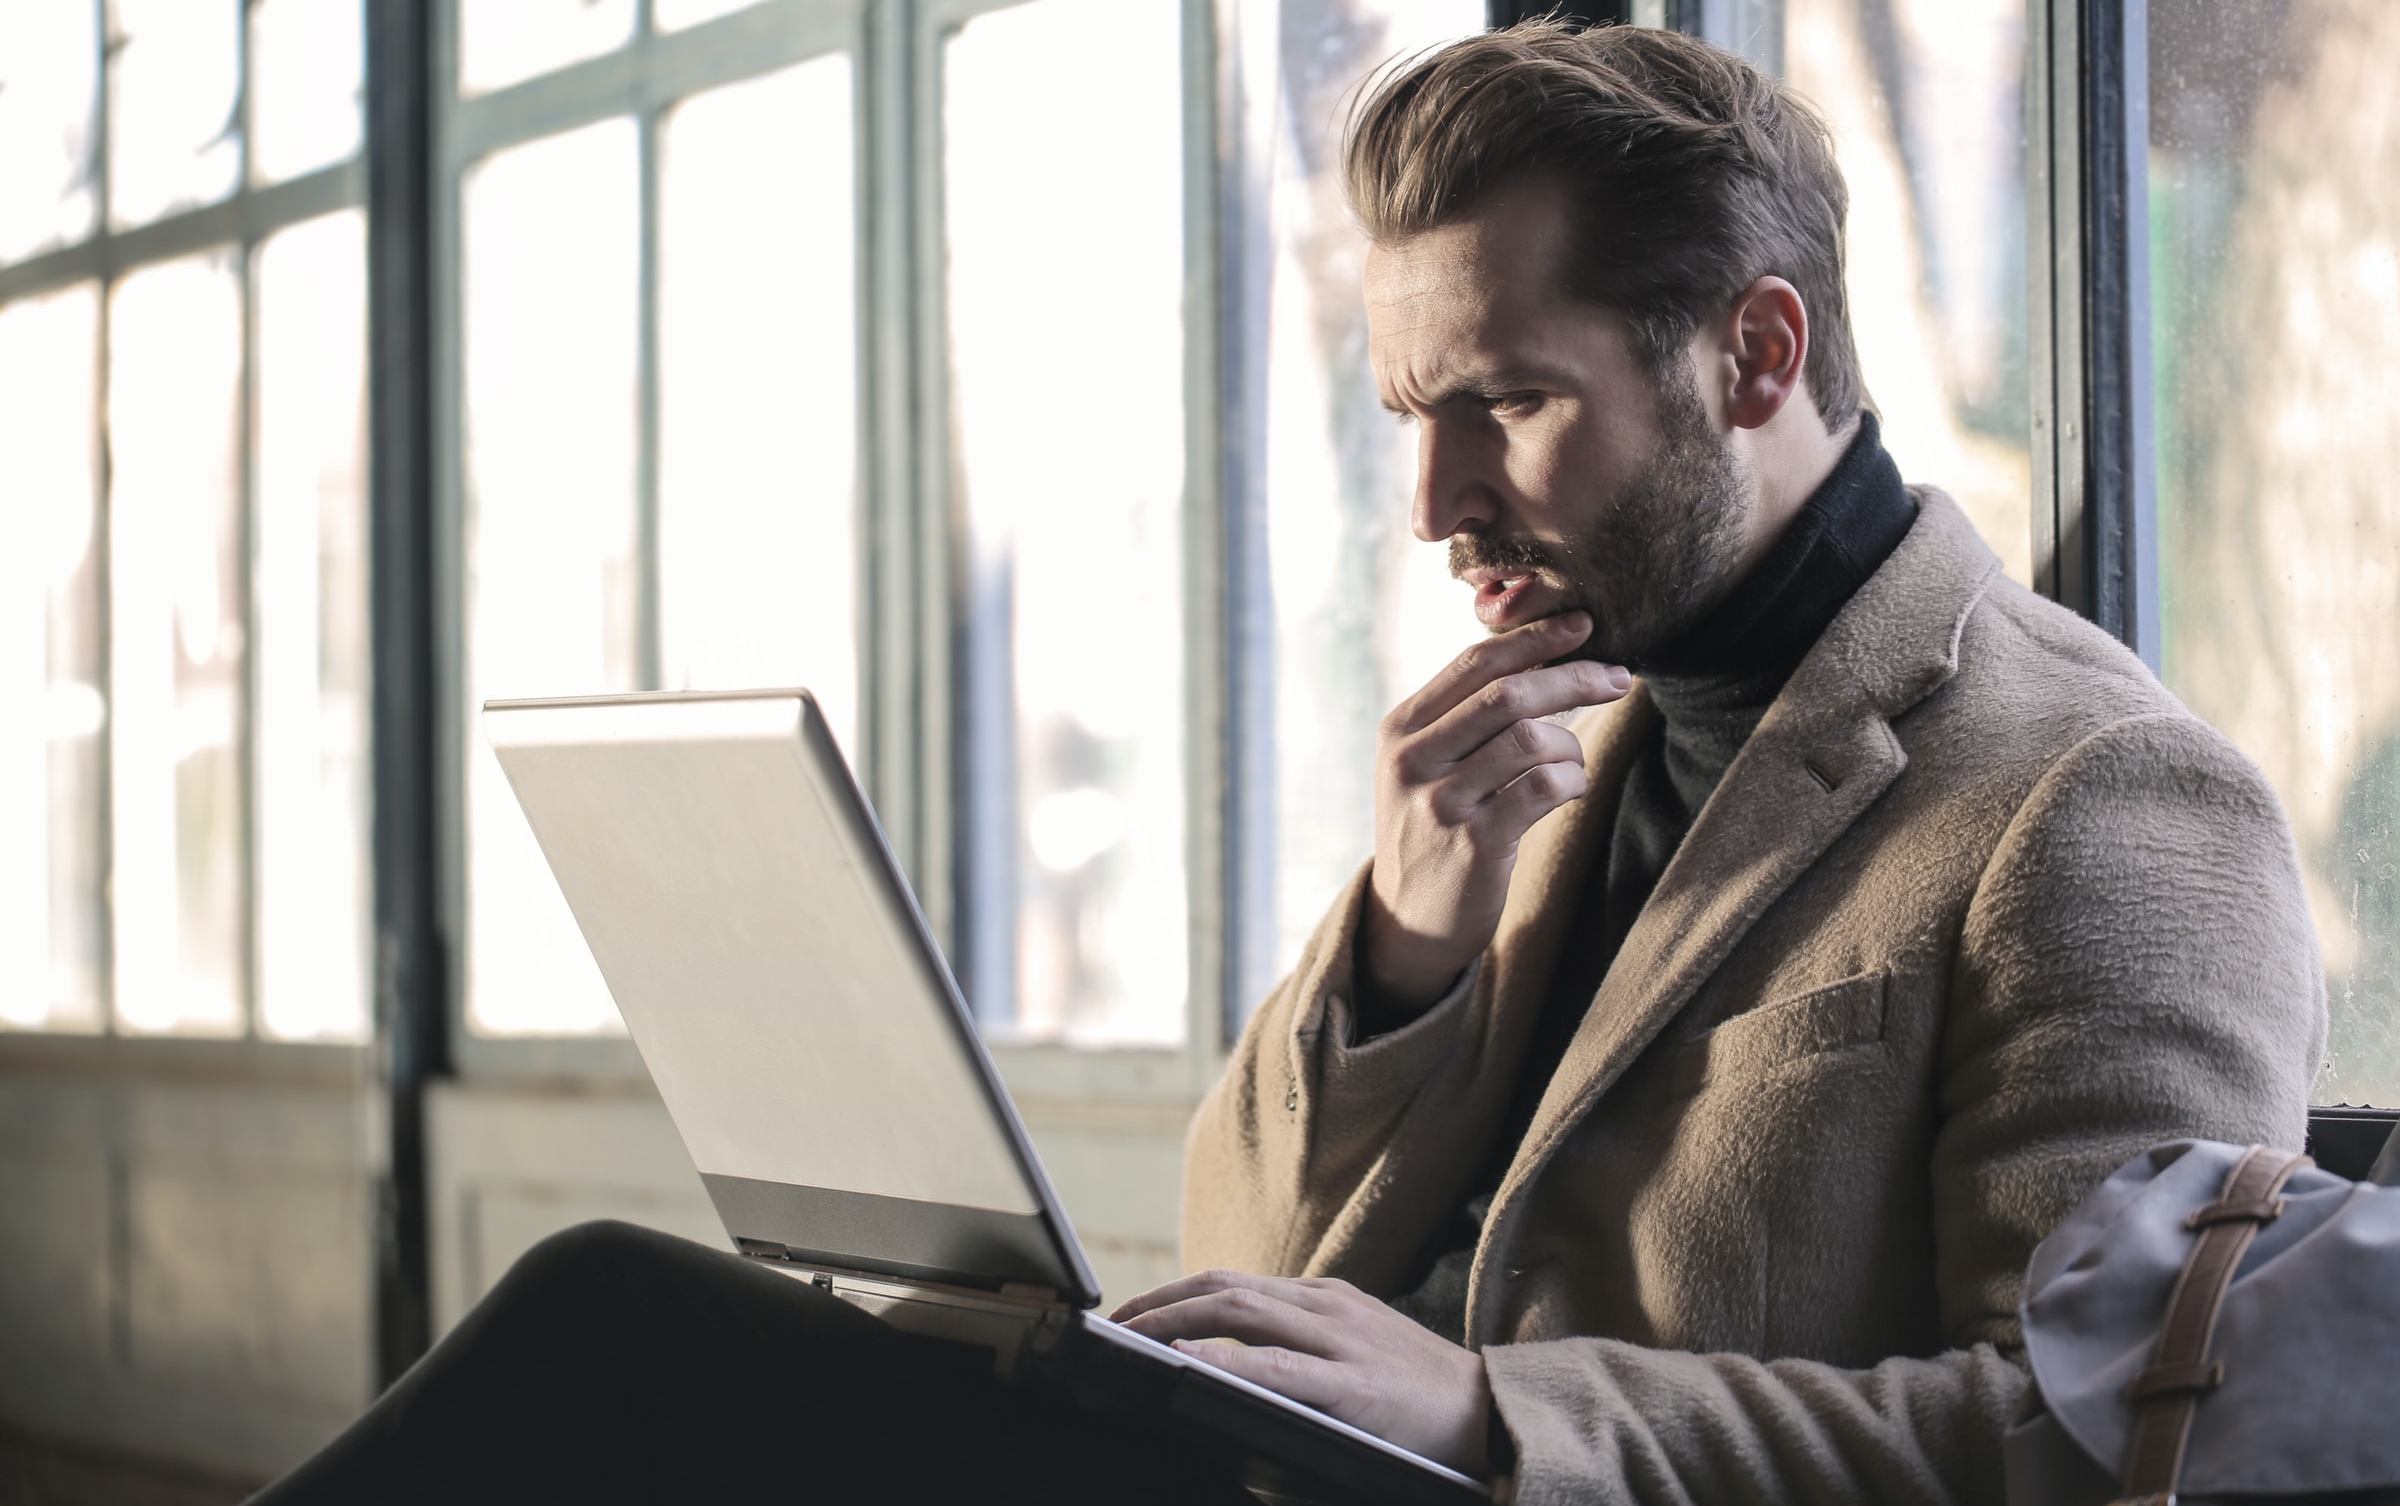 DsiN-Tipps: Bei Verschwörungstheorien richtig reagieren. Bildinhalt: Ein Mann sitzt mit skeptischem Gesichtsausdruck vor einem Laptop